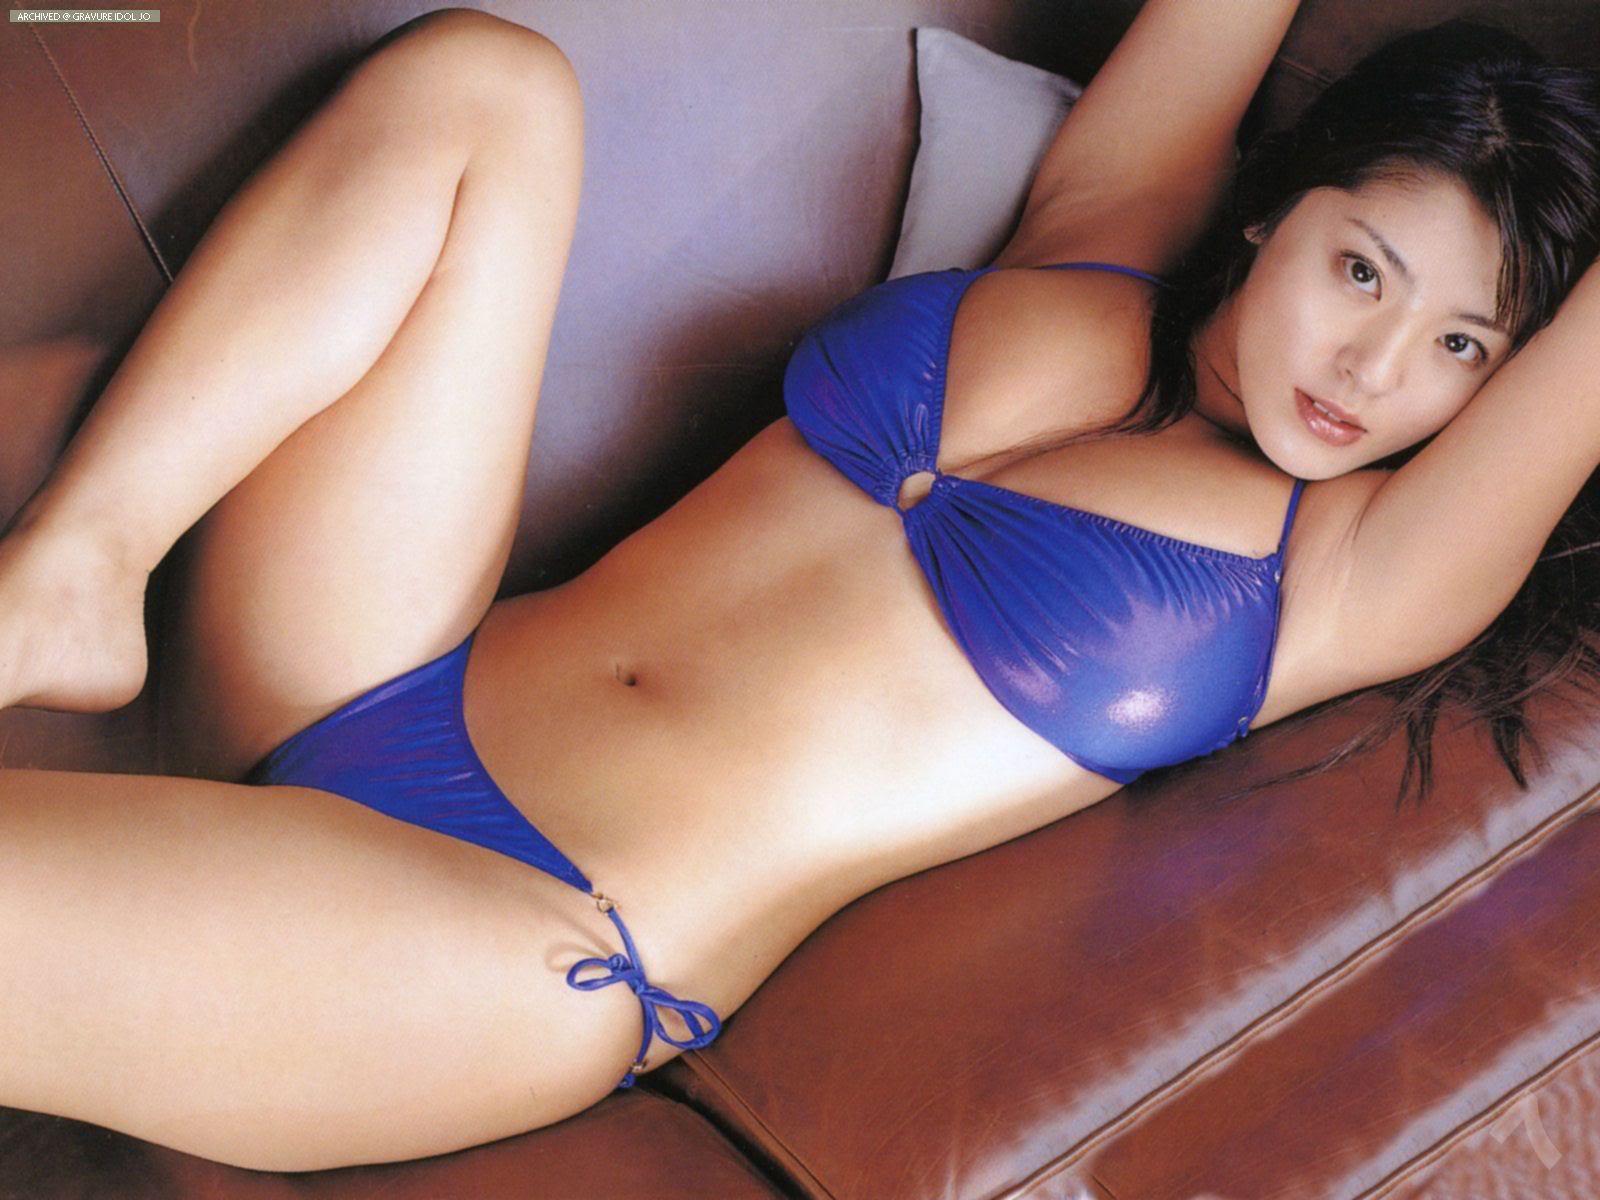 Ber - In - Tips: 10 Top Model Jepang Terseksi dan Terpanas